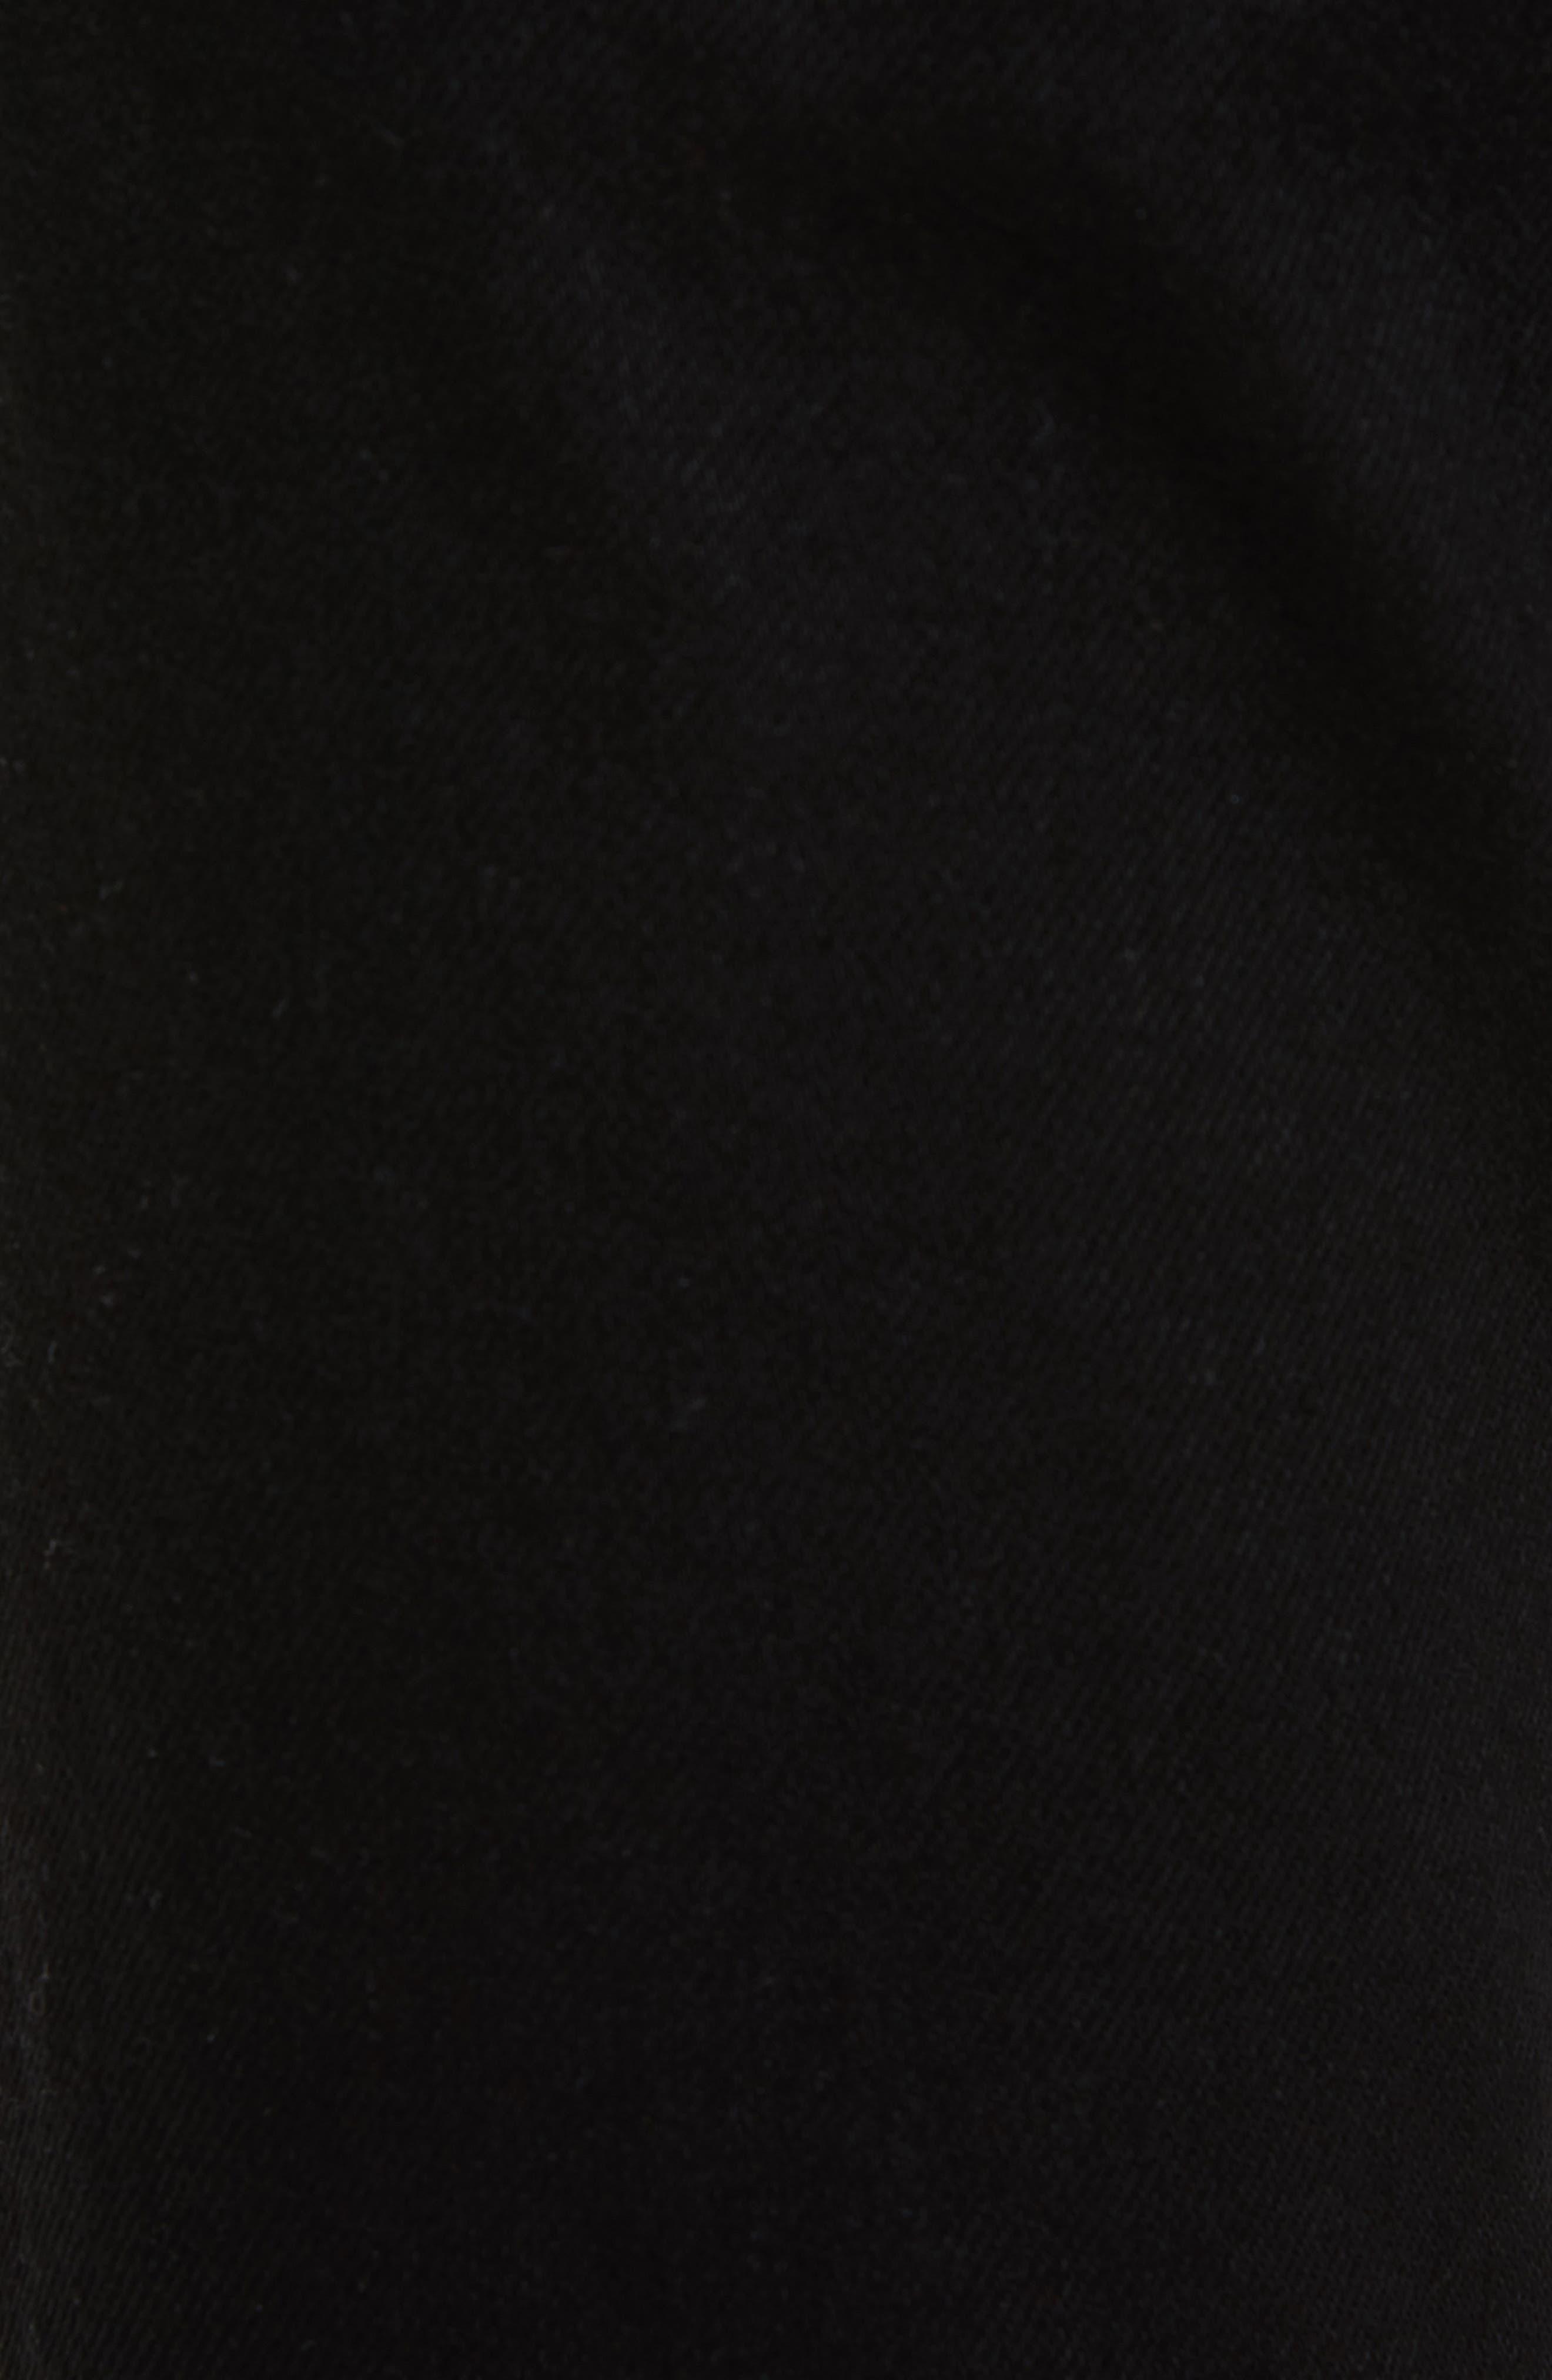 VERSUS by Versace Lion Slim Fit Jeans,                             Alternate thumbnail 5, color,                             Black